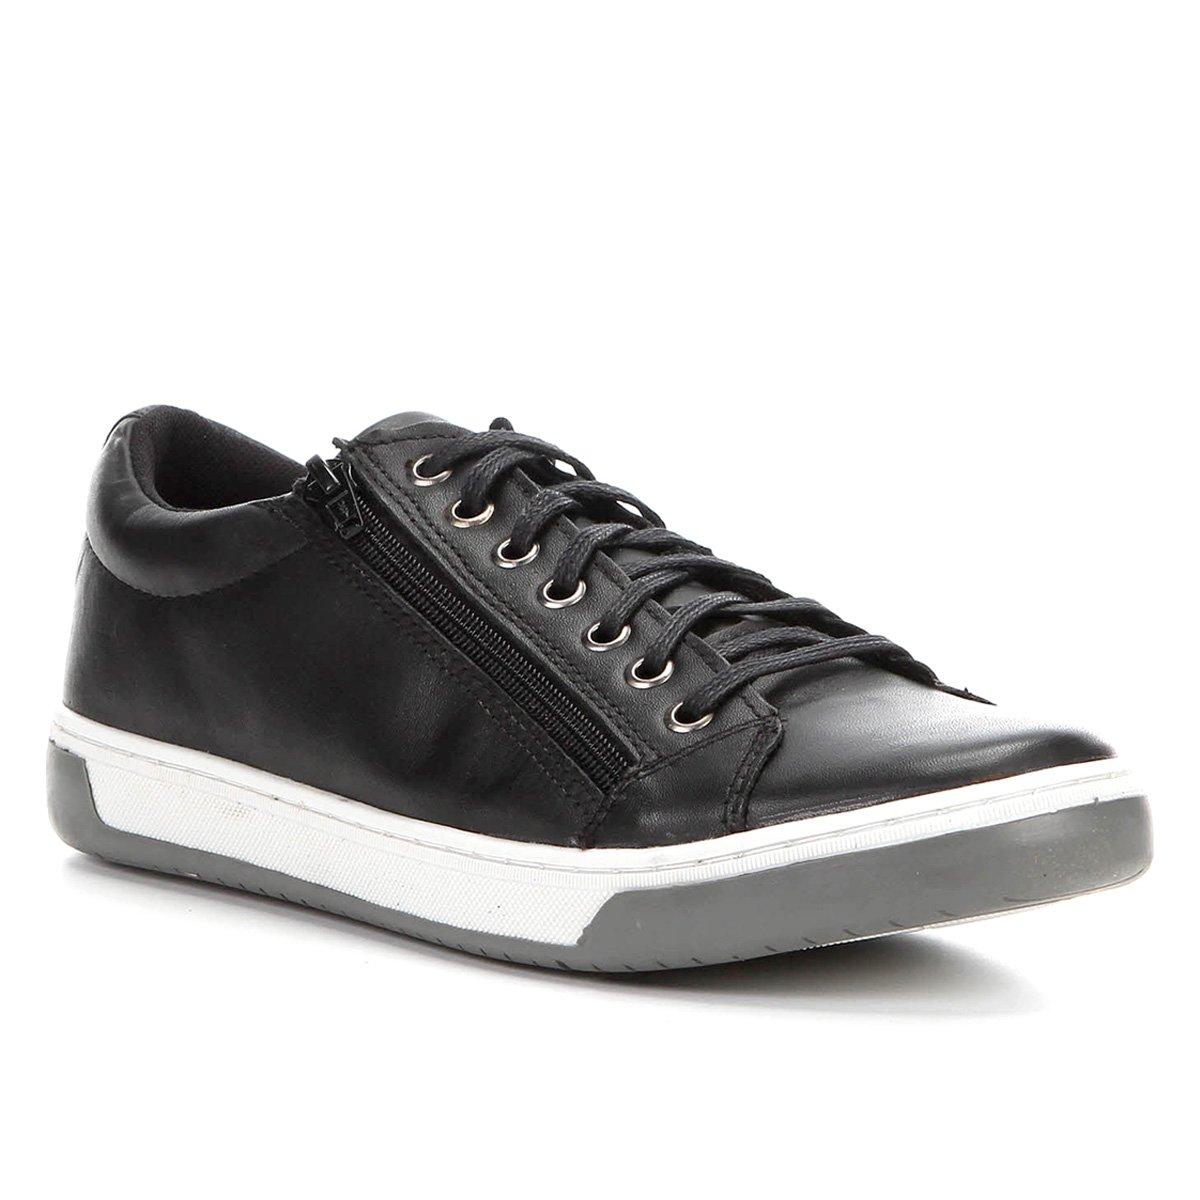 4dfbdc1316 Sapatênis Couro Shoestock Zíper Masculino - Compre Agora